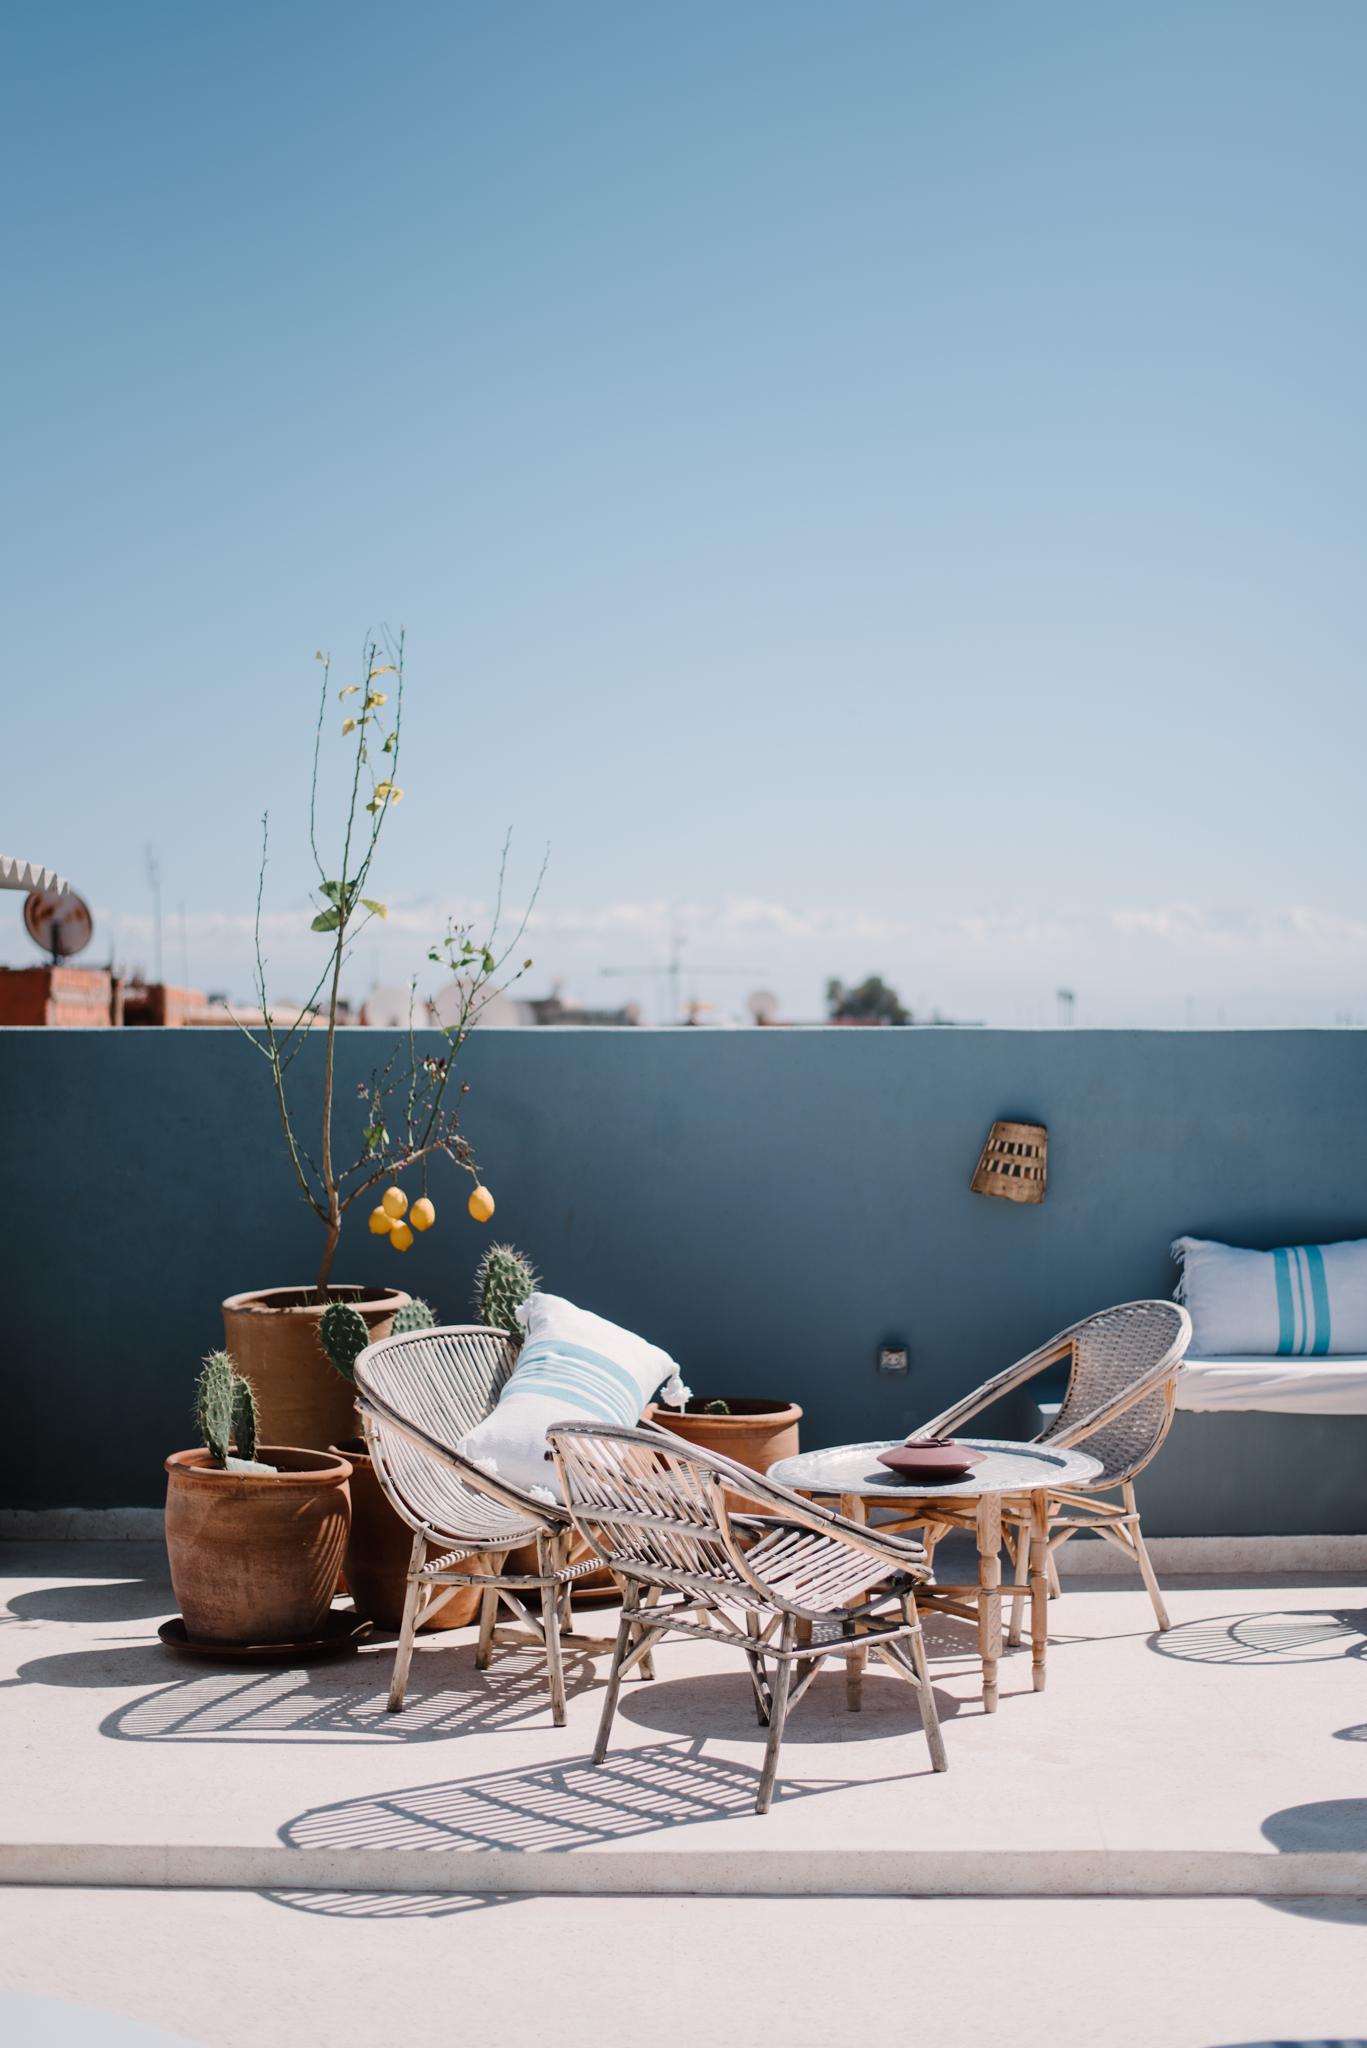 Anoukfotografeert Marokko reis-492